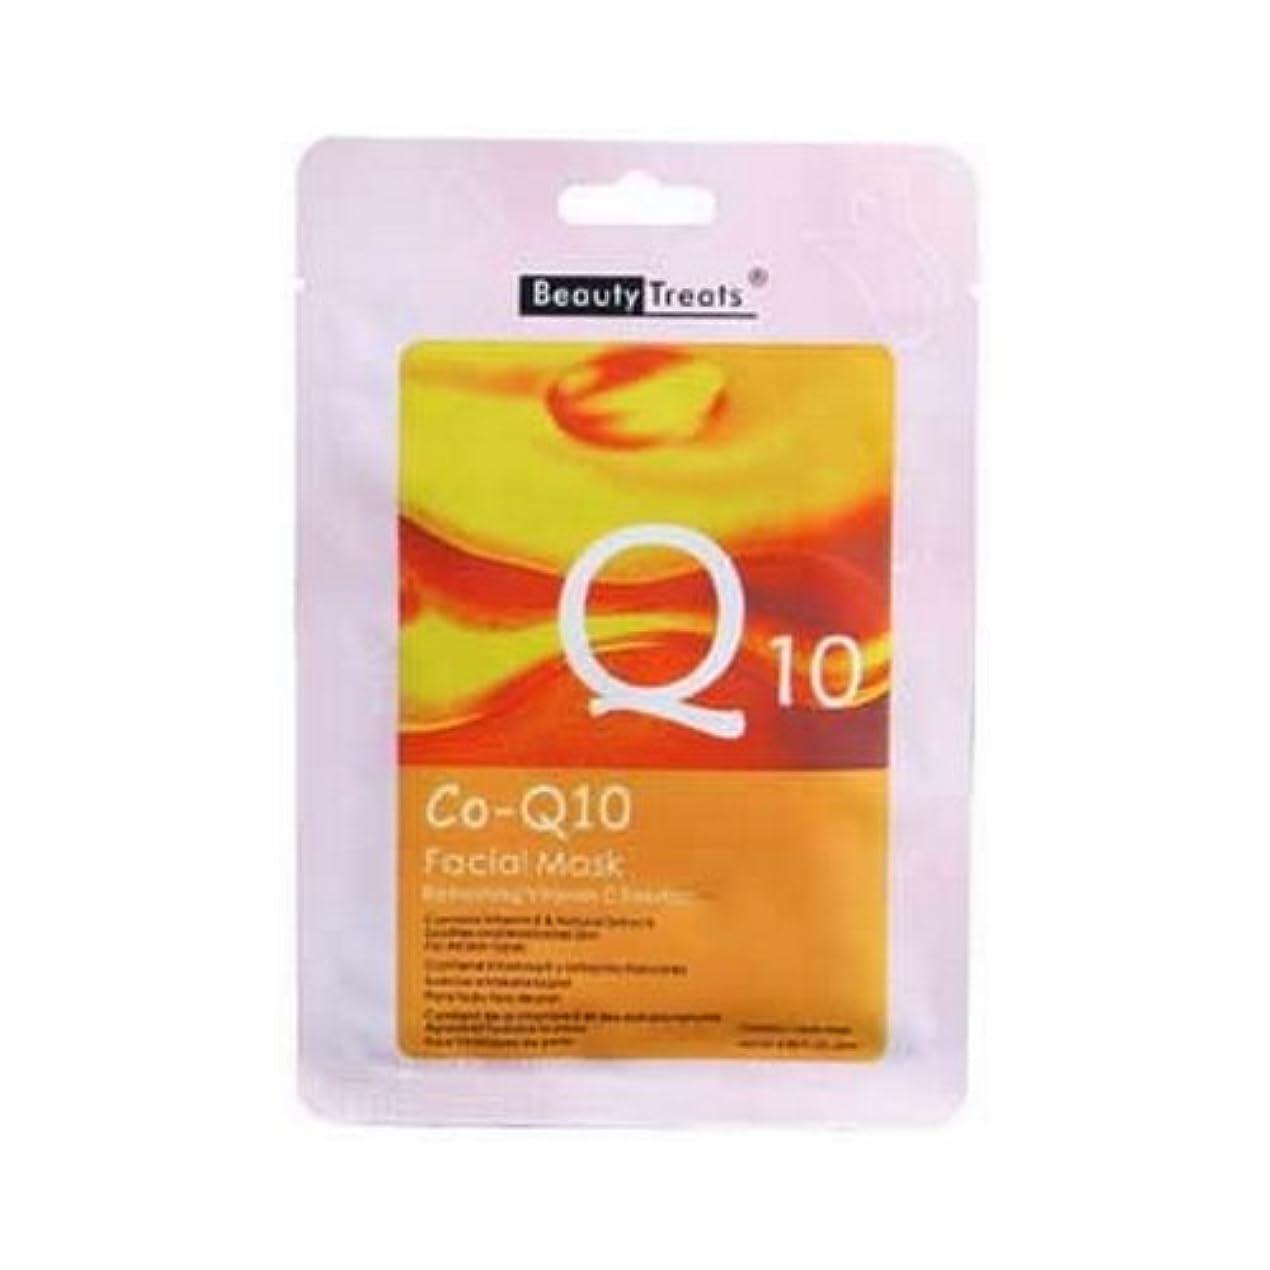 機転平野調和(3 Pack) BEAUTY TREATS Facial Mask Refreshing Vitamin C Solution - Co-Q10 (並行輸入品)